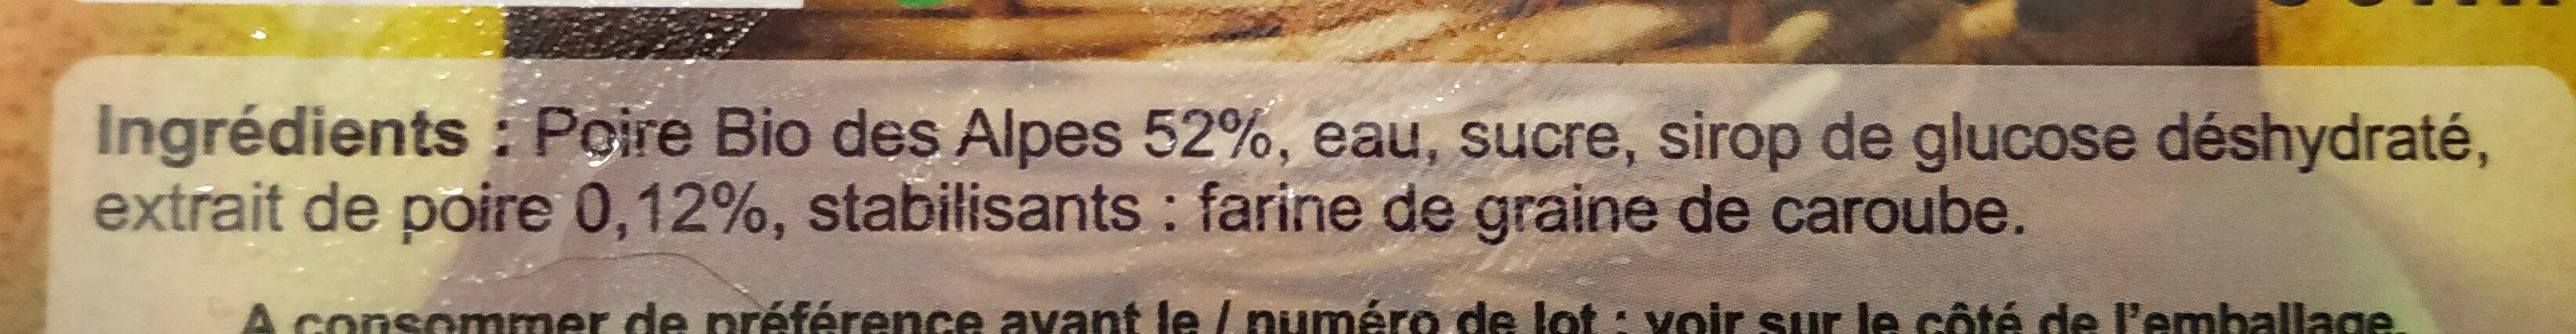 Poire des Alpes - Ingrediënten